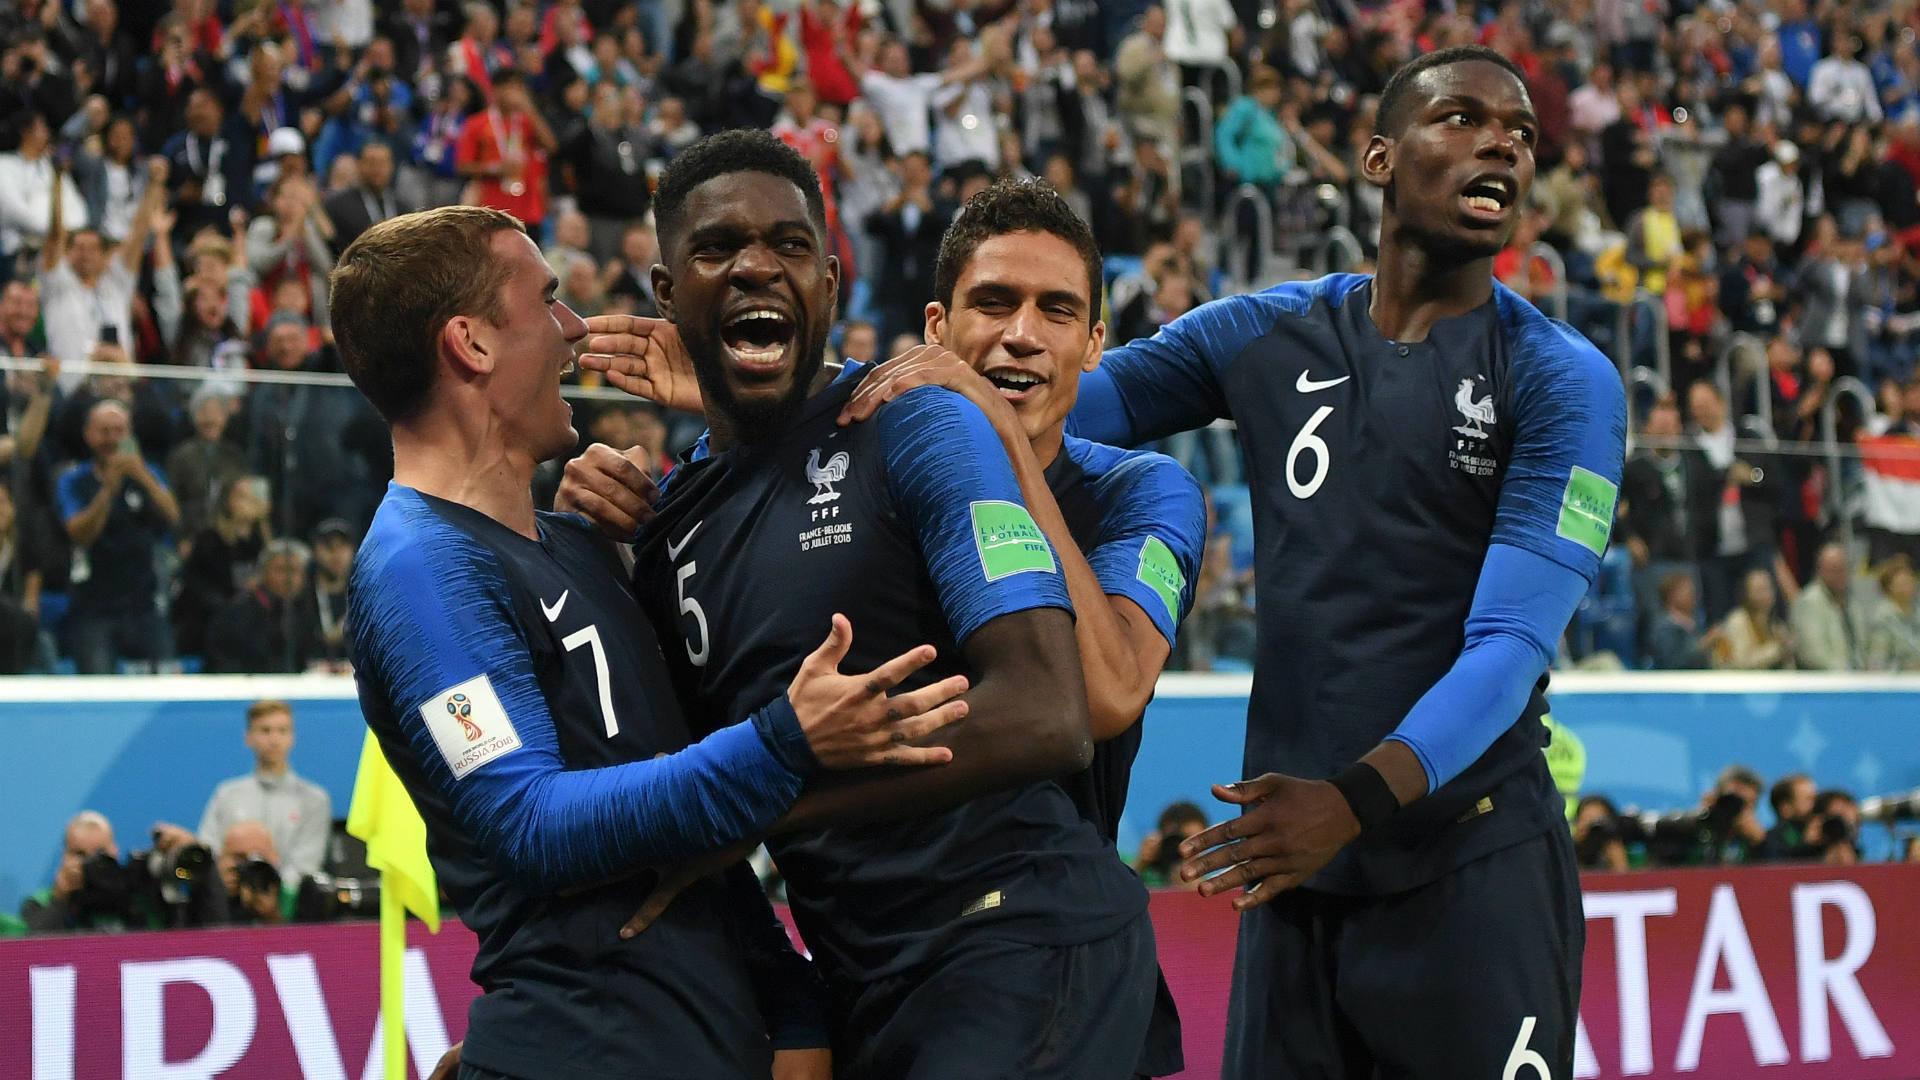 Resultado de imagen para france won world cup 2018